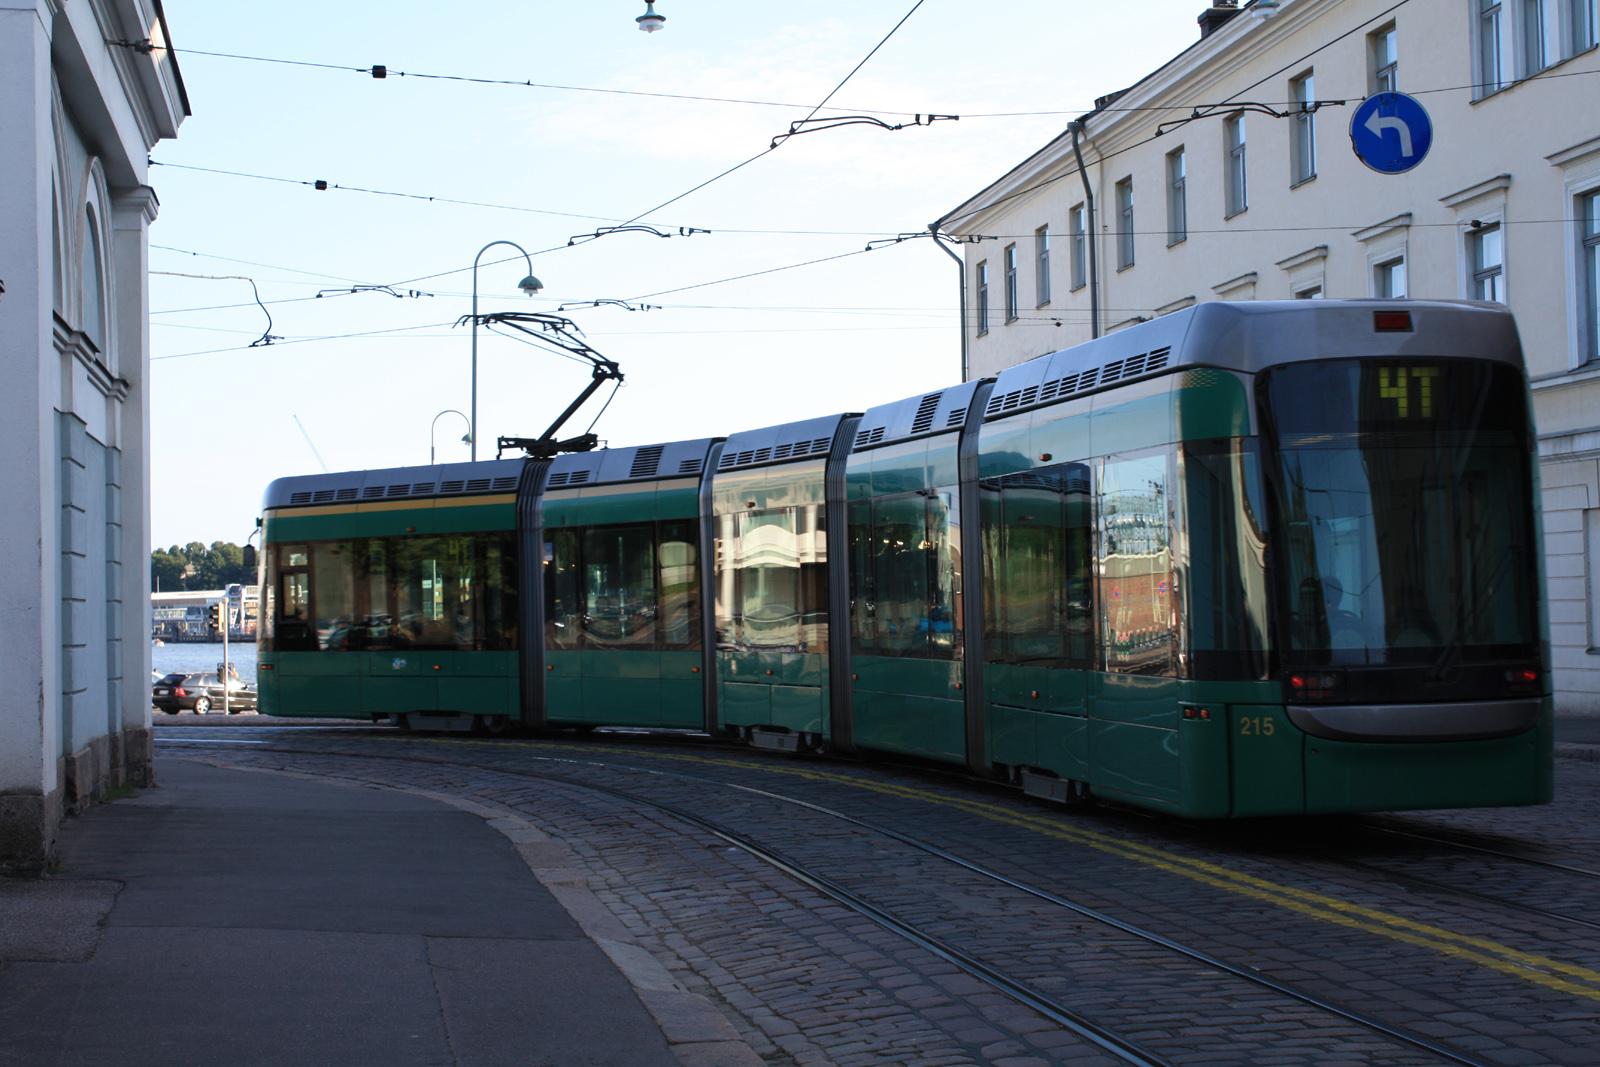 Финский фанк зовет в дорогу